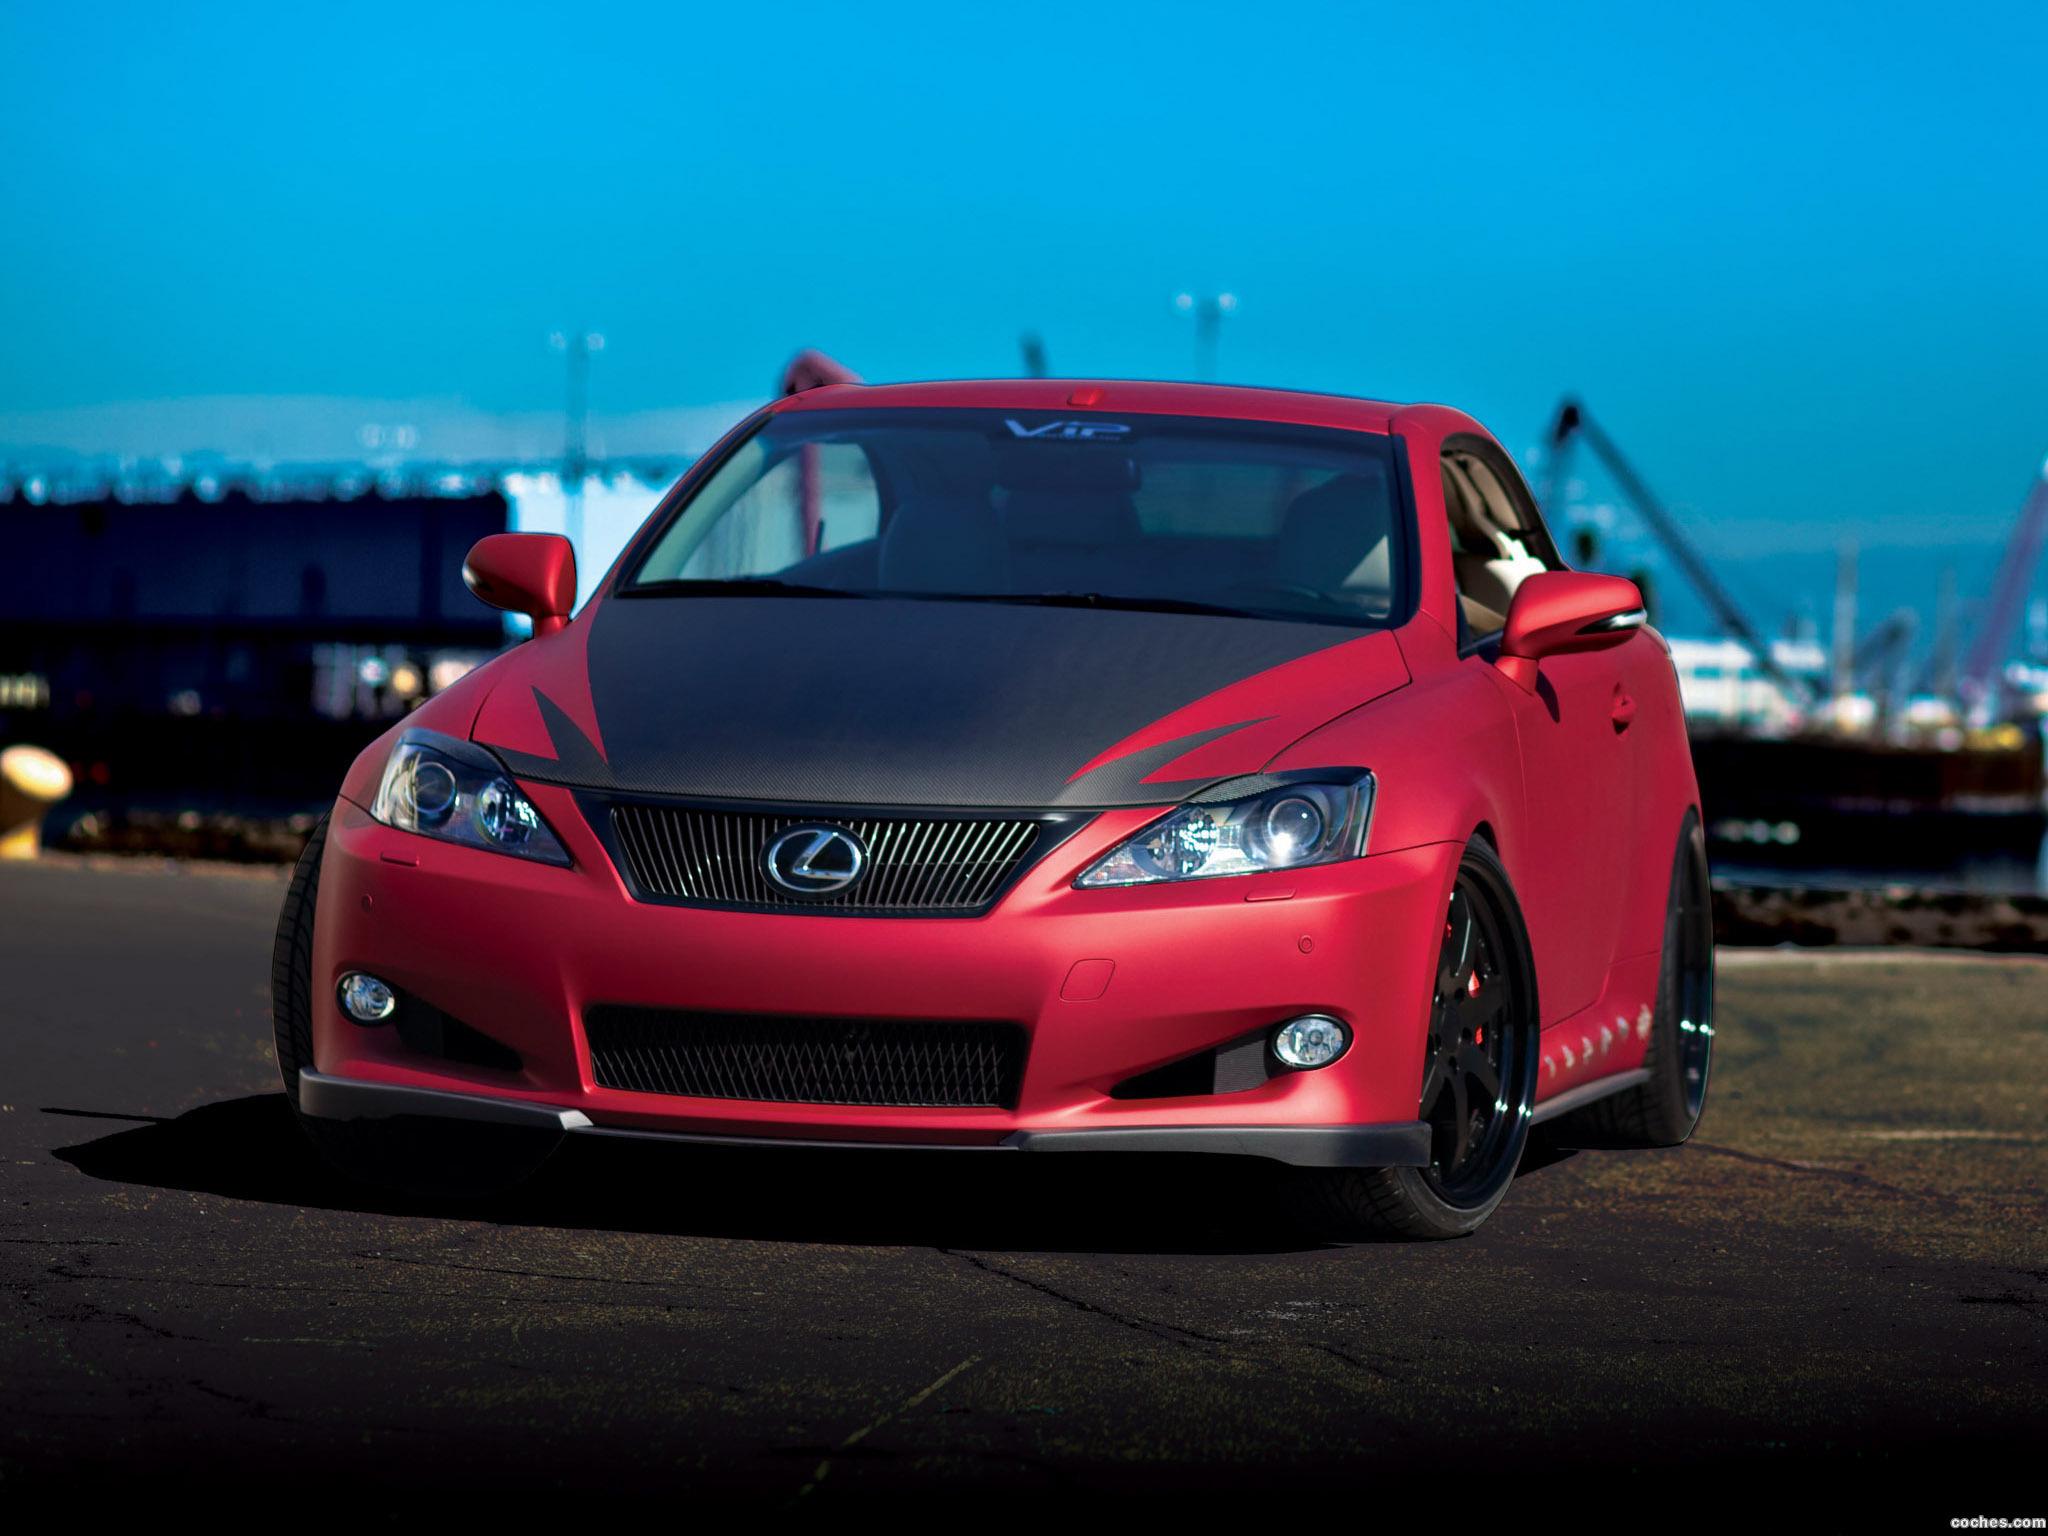 Foto 0 de Lexus IS 350C by Vip Auto Salon 2009